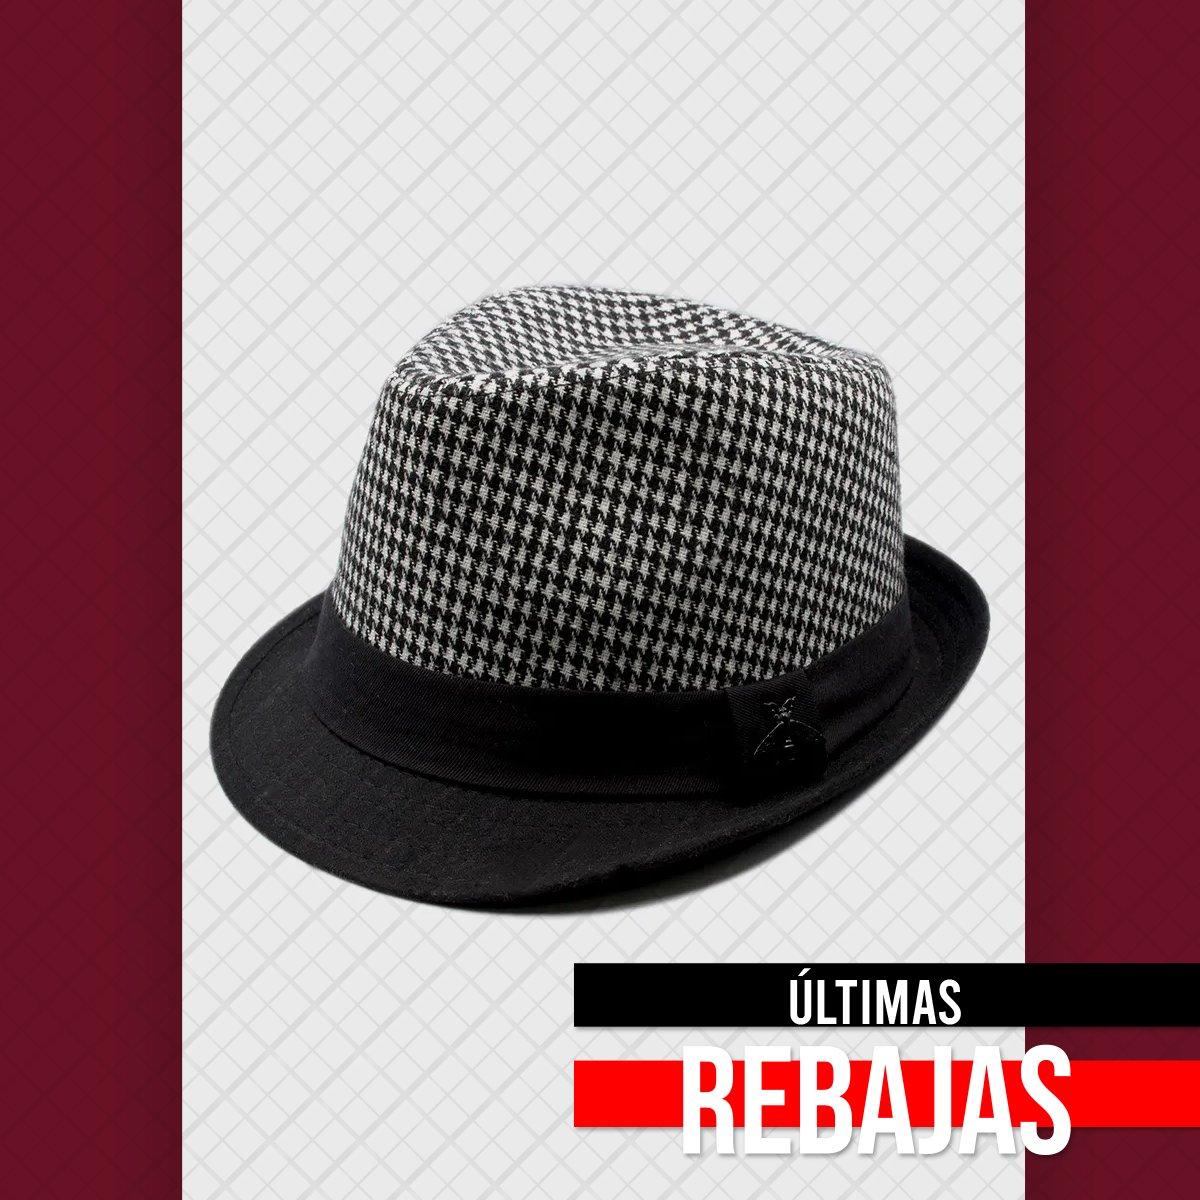 """El sombrero """"#Trilby """" es prácticamente una variación del """"Fedora"""" con las alas más cortas. . . . #aldoconti #tips #musthave #fashionista #man #menstyle #nuevatemporada #FW2020 #tips #sombreros #accesorios"""